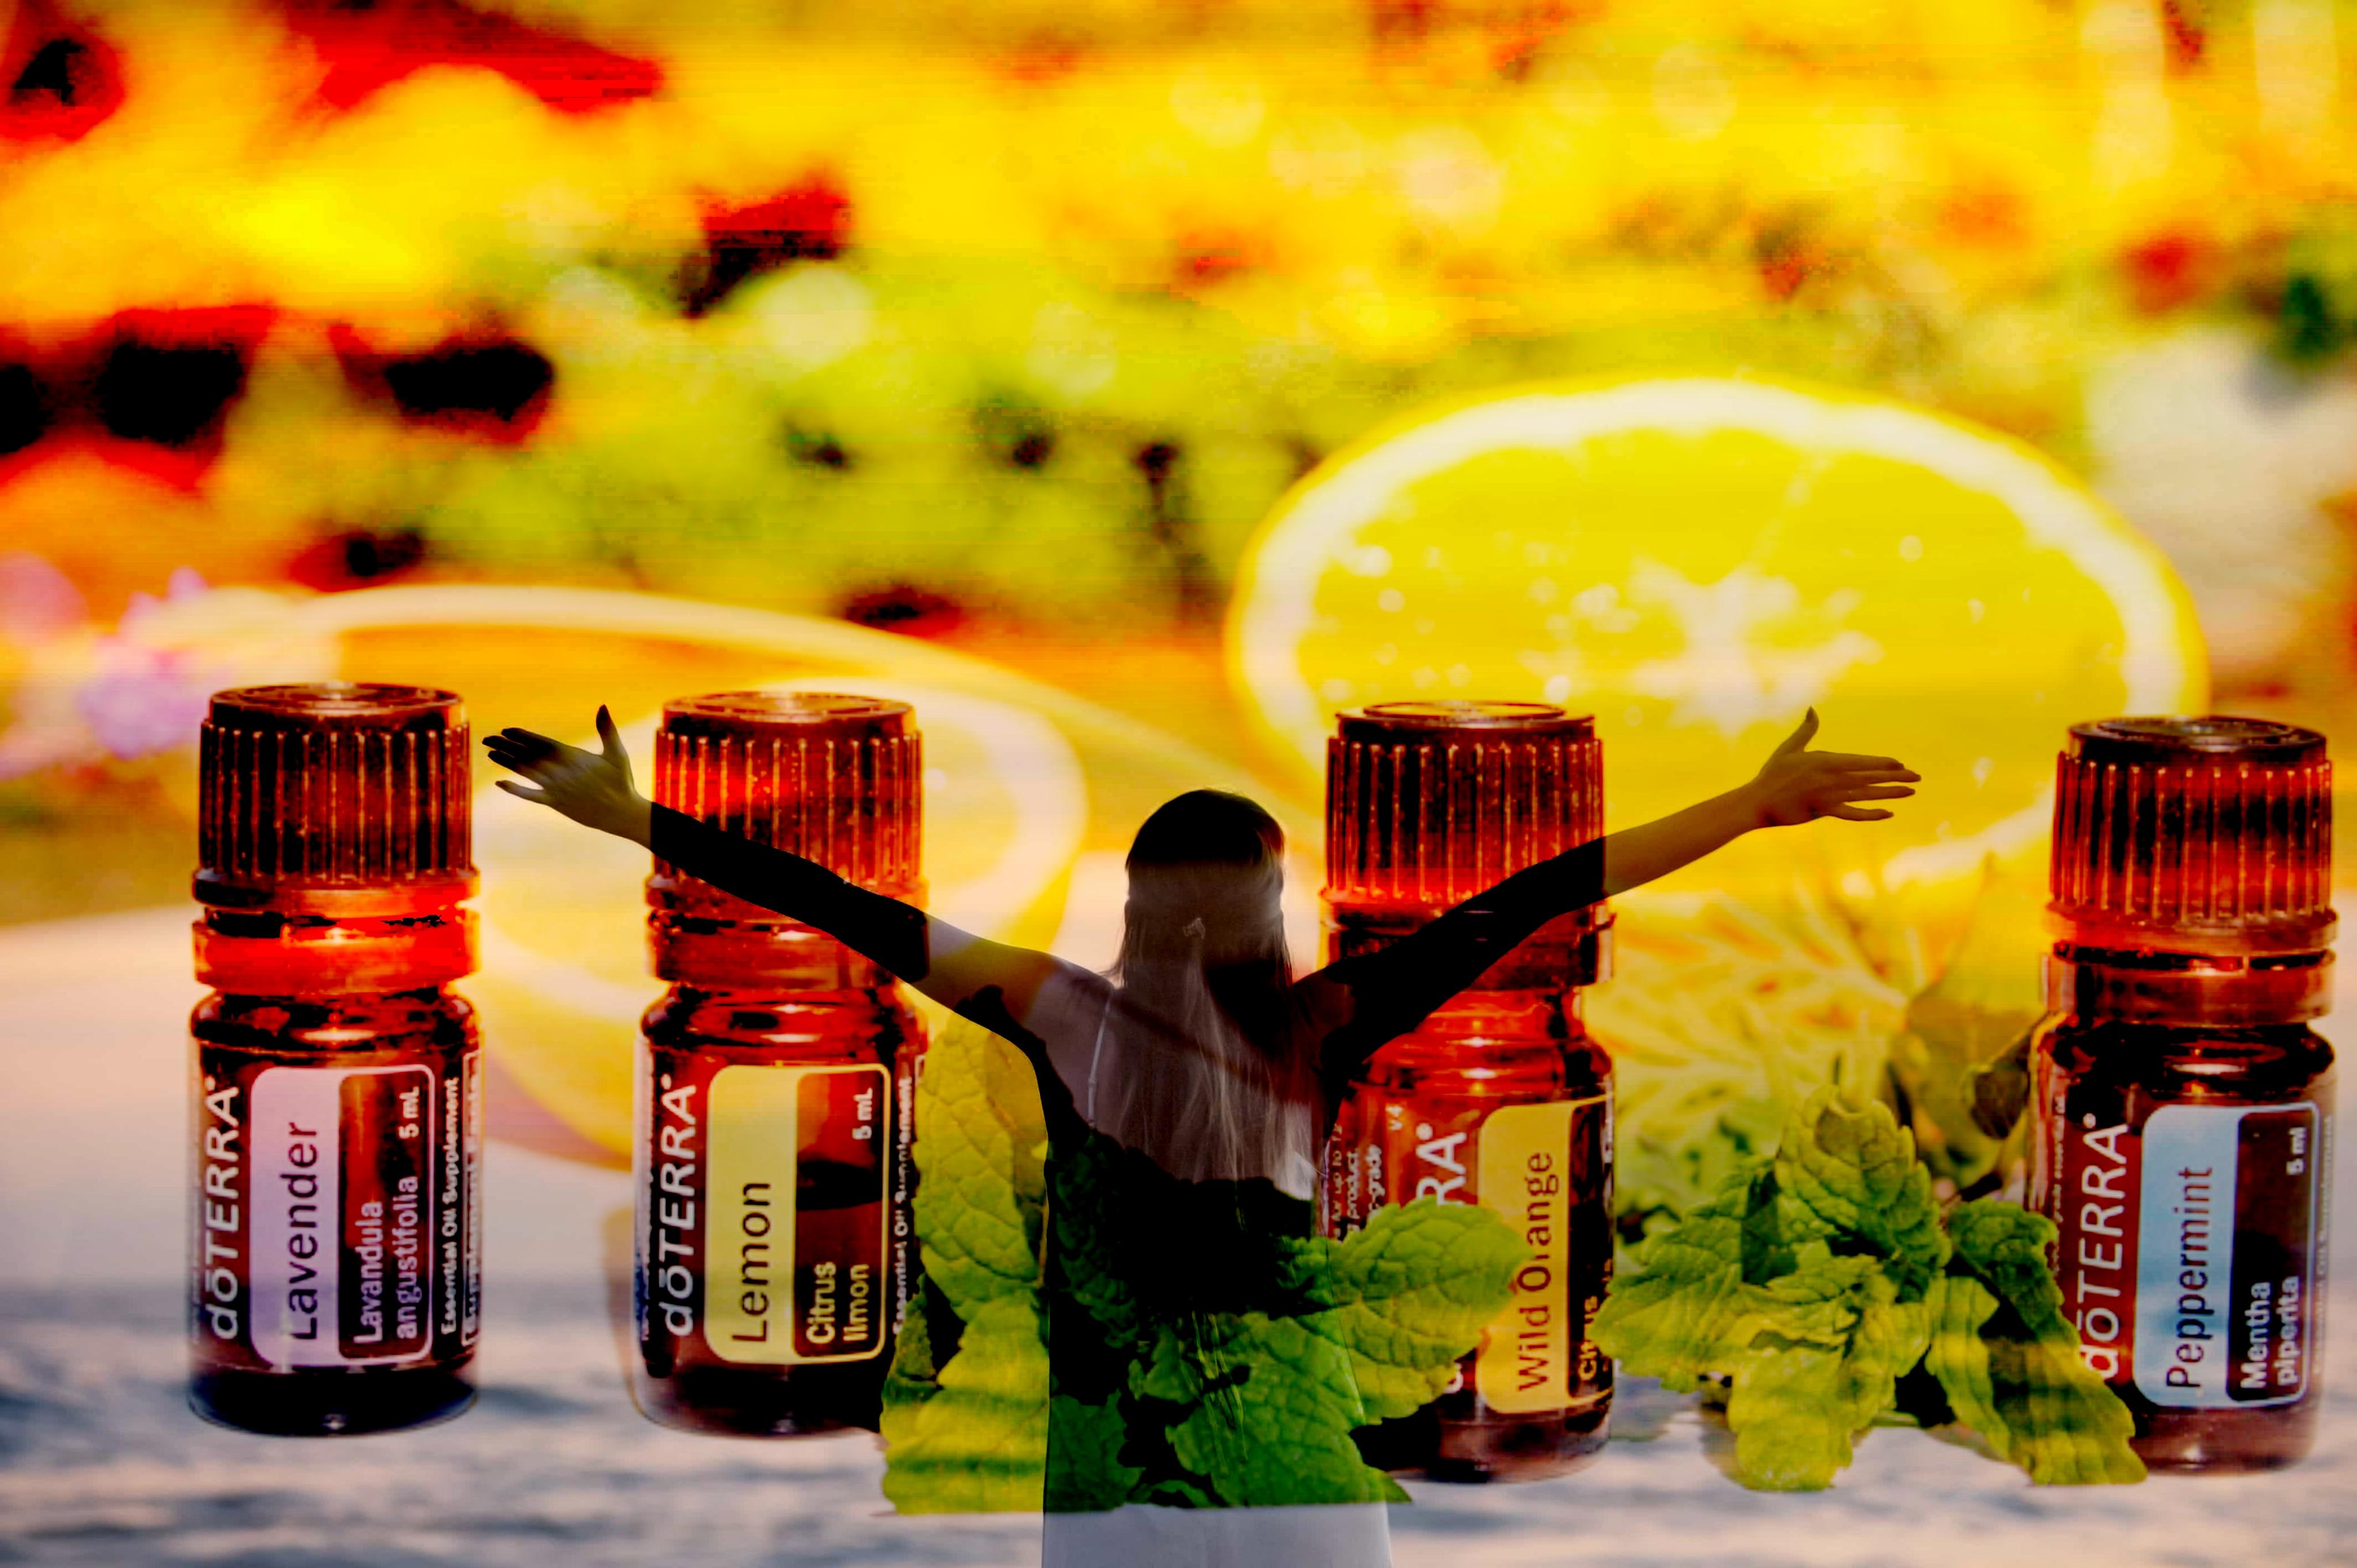 Life style met essentiële oliën 30 september